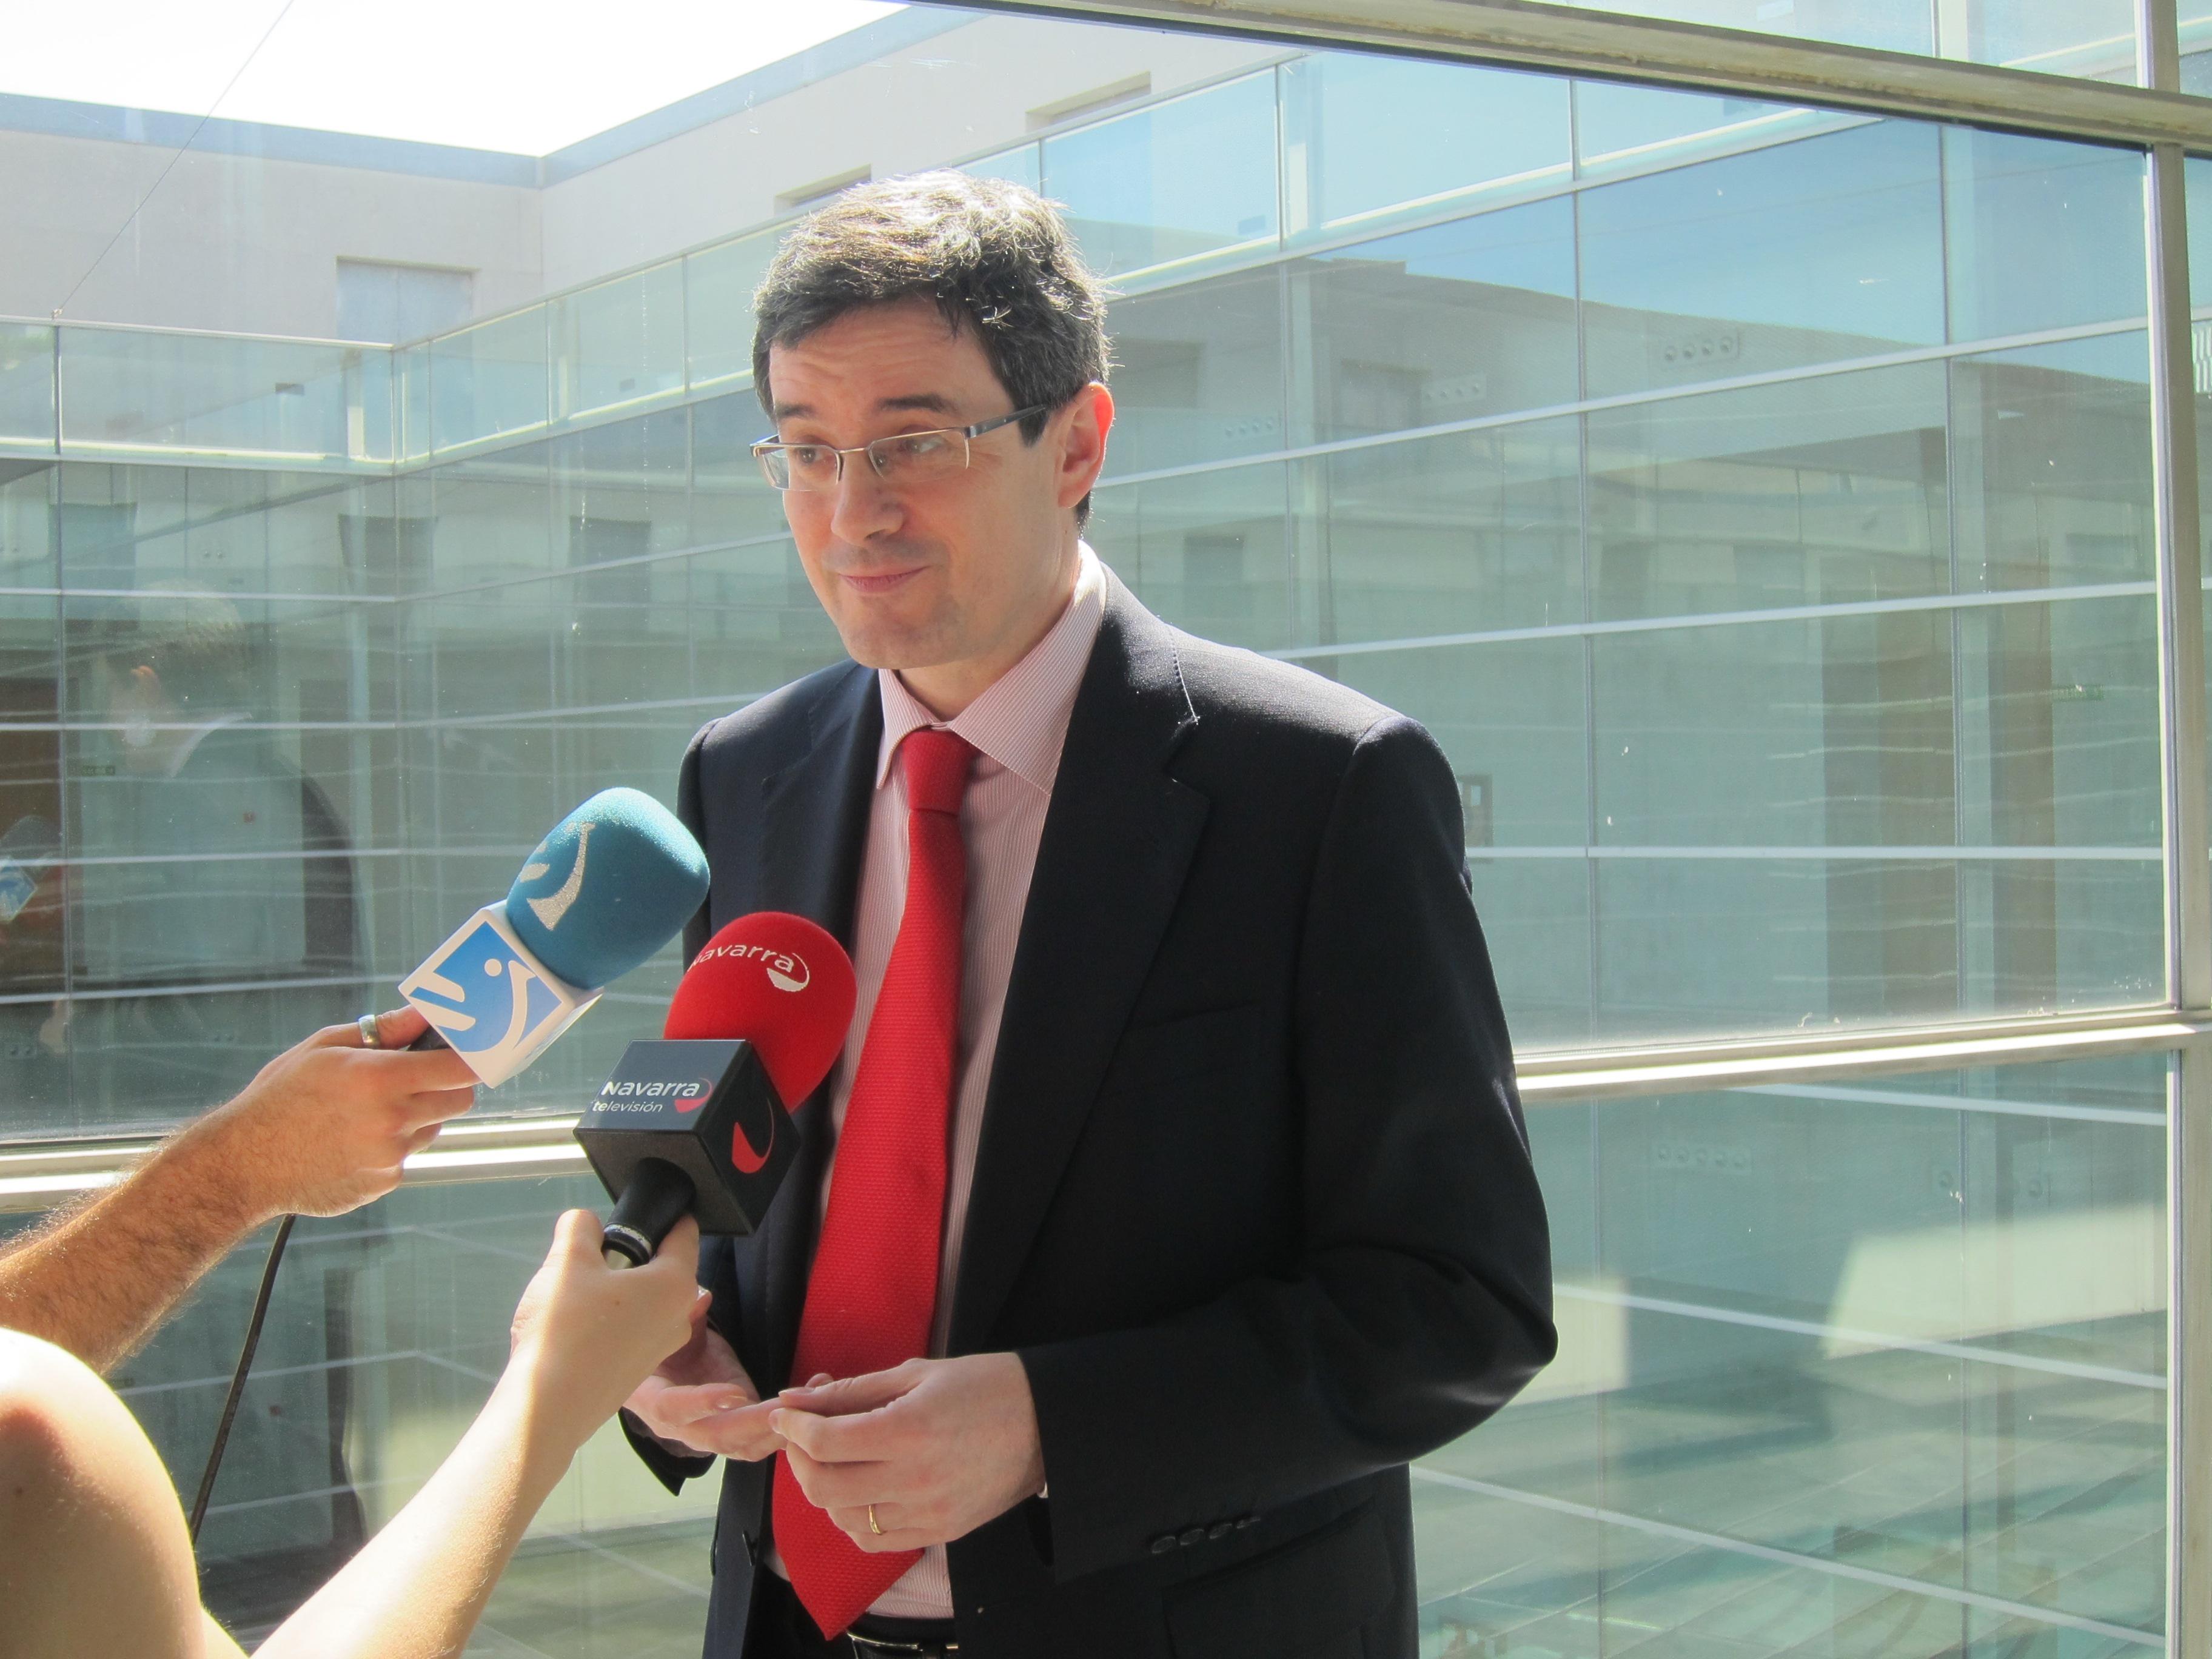 Iribas dice que Navarra aplicará la LOMCE, pero «adaptándola al proyecto educativo» de la Comunidad foral